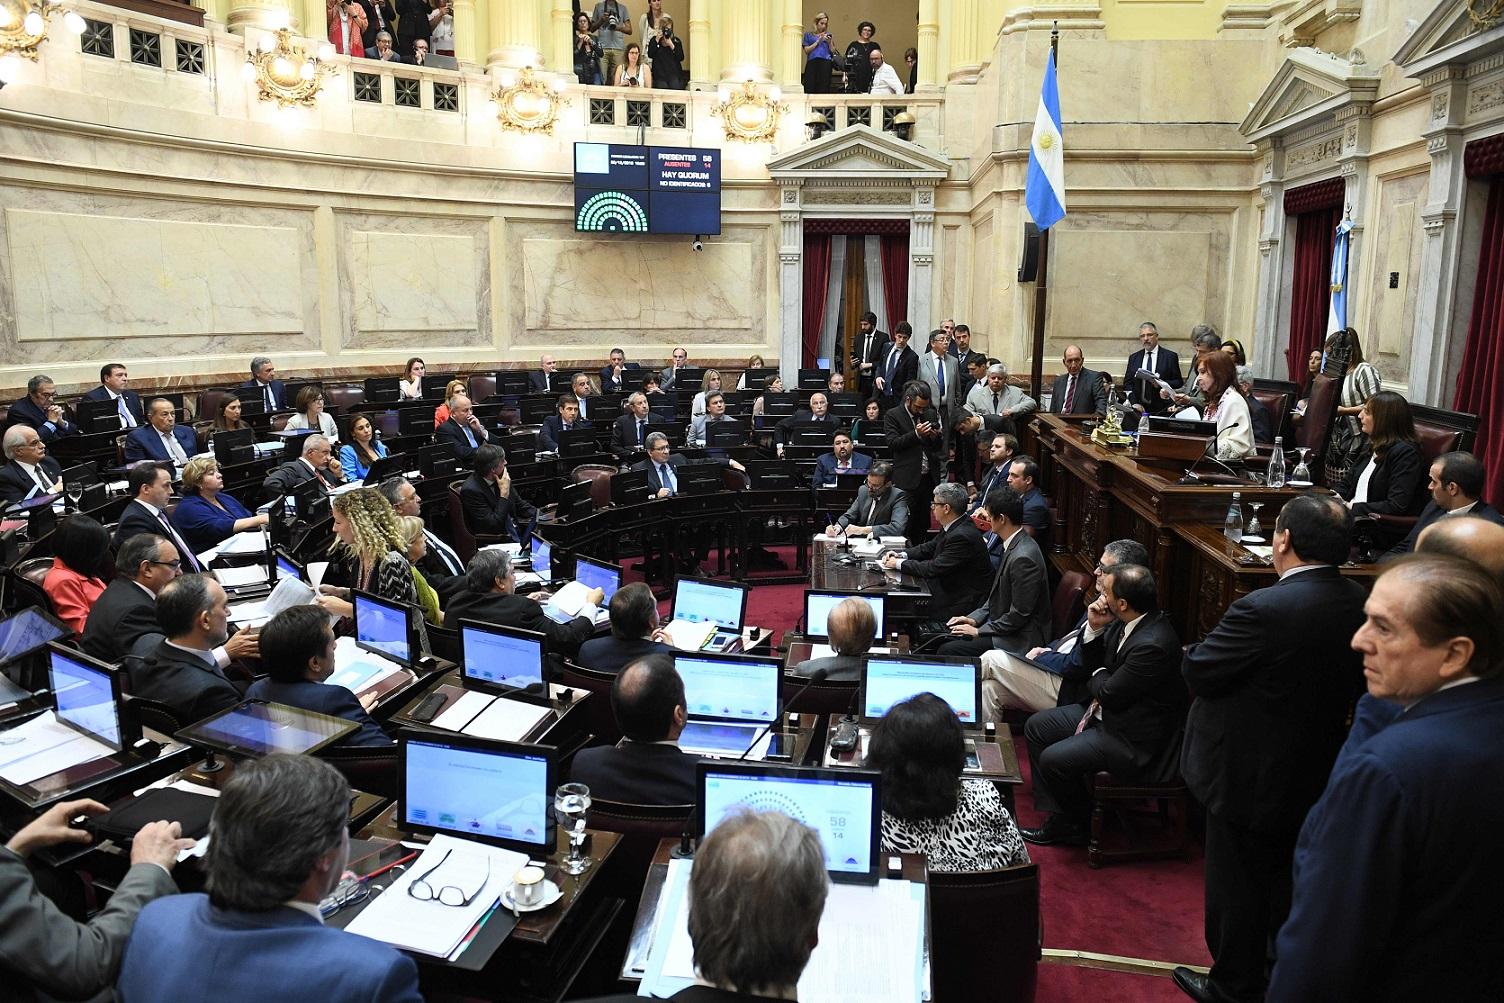 La oposición pide congelar las jubilaciones de los funcionarios